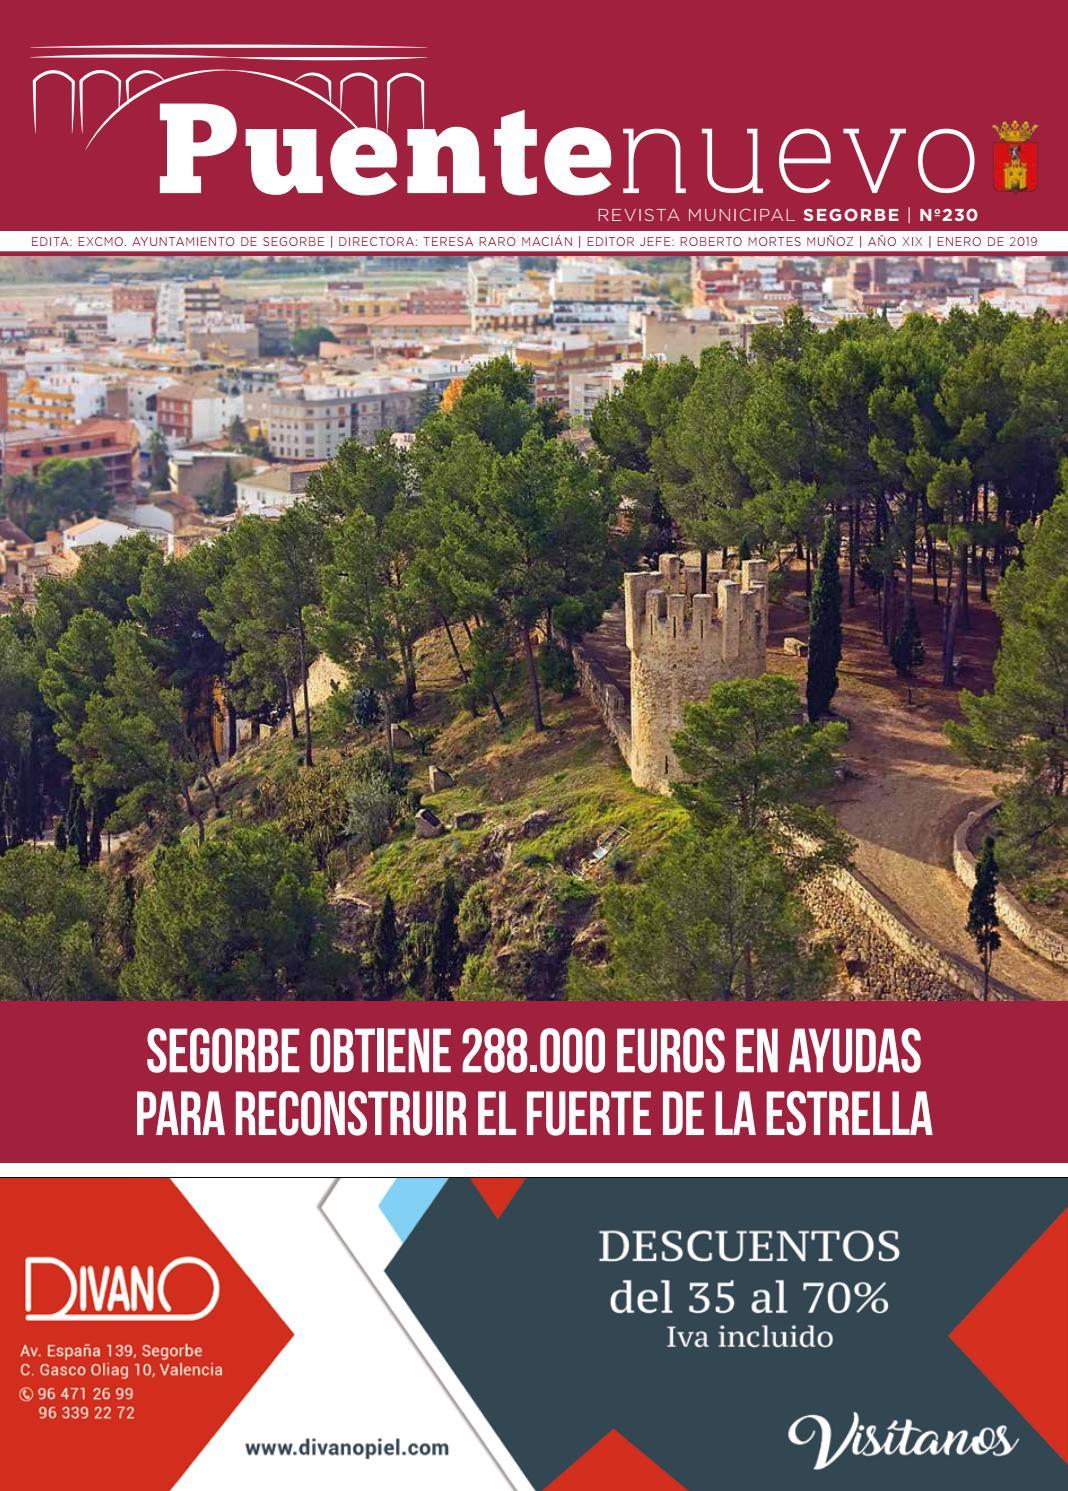 Enero Puente 2019 De Nuevo By Ayuntamiento Segorbe 230 Issuu PkZiOuXT